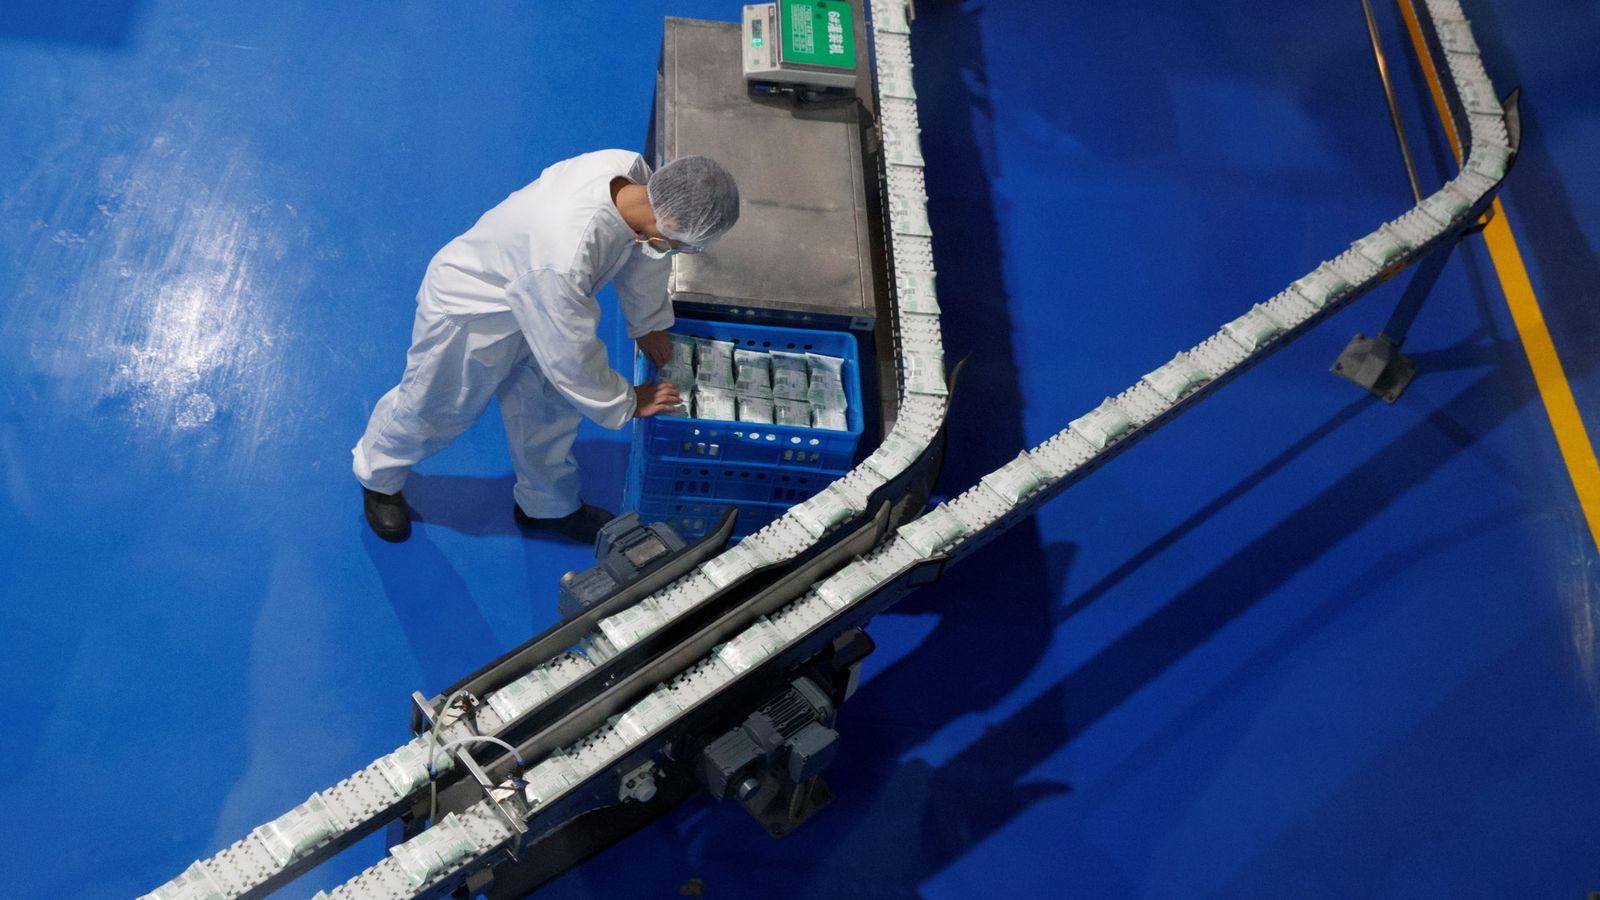 La SS usa una resolución de la gripe A para cubrir a los trabajadores por el coronavirus